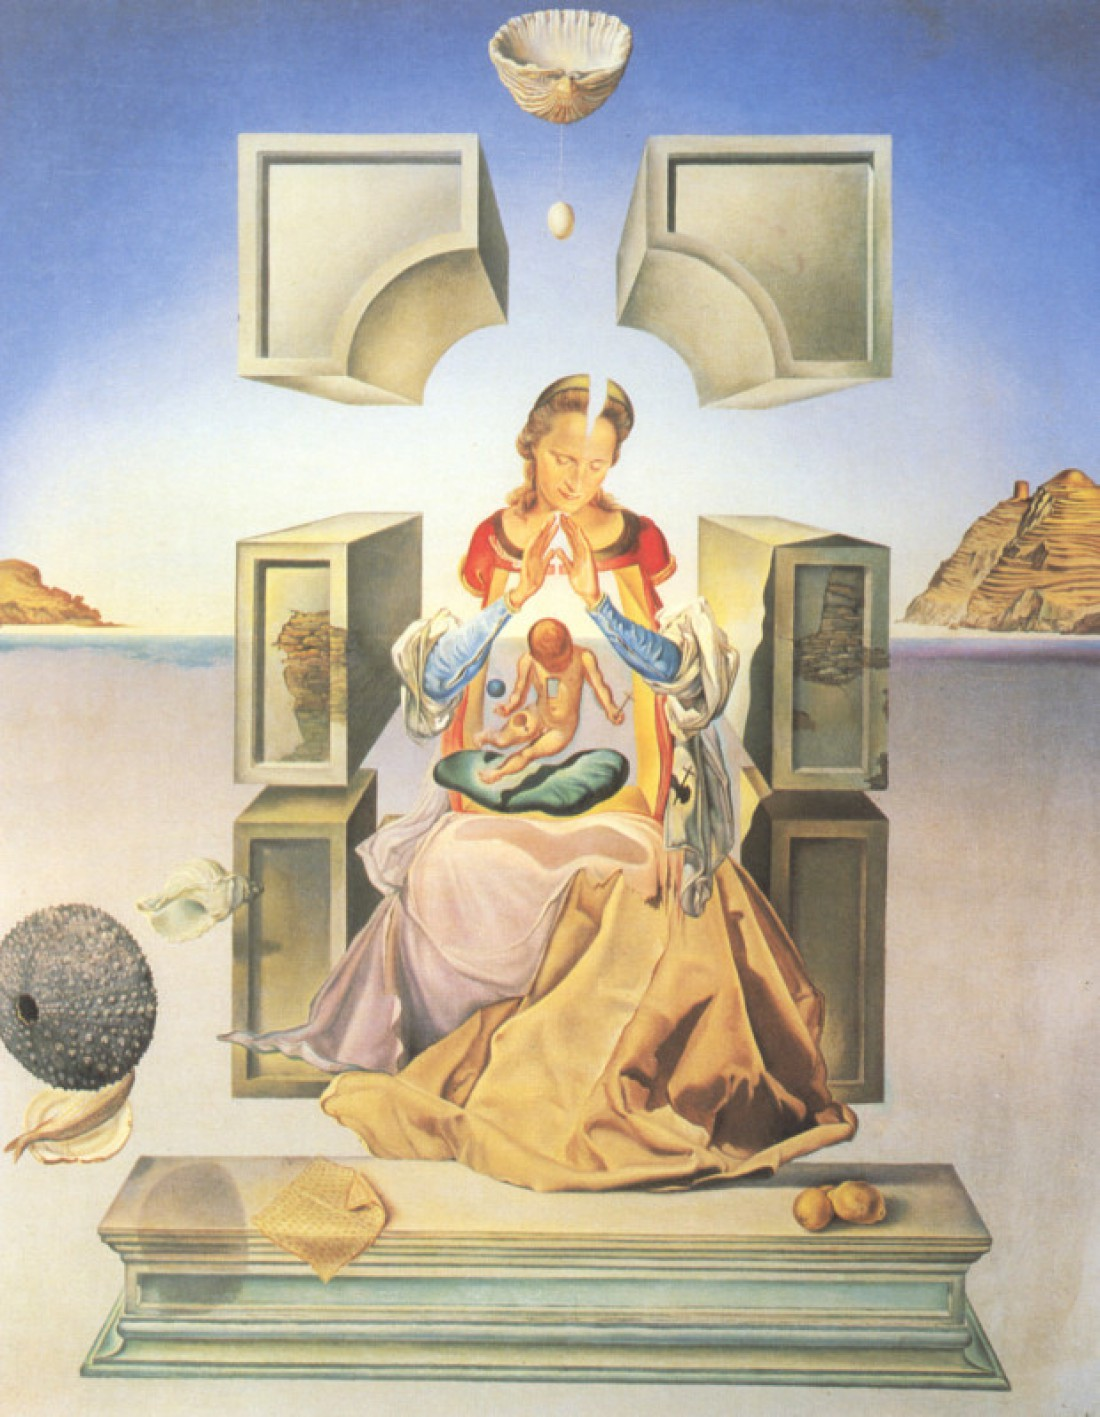 Гала в образе Девы Марии на картине Мадонна Порт-Льигата, 1949 год